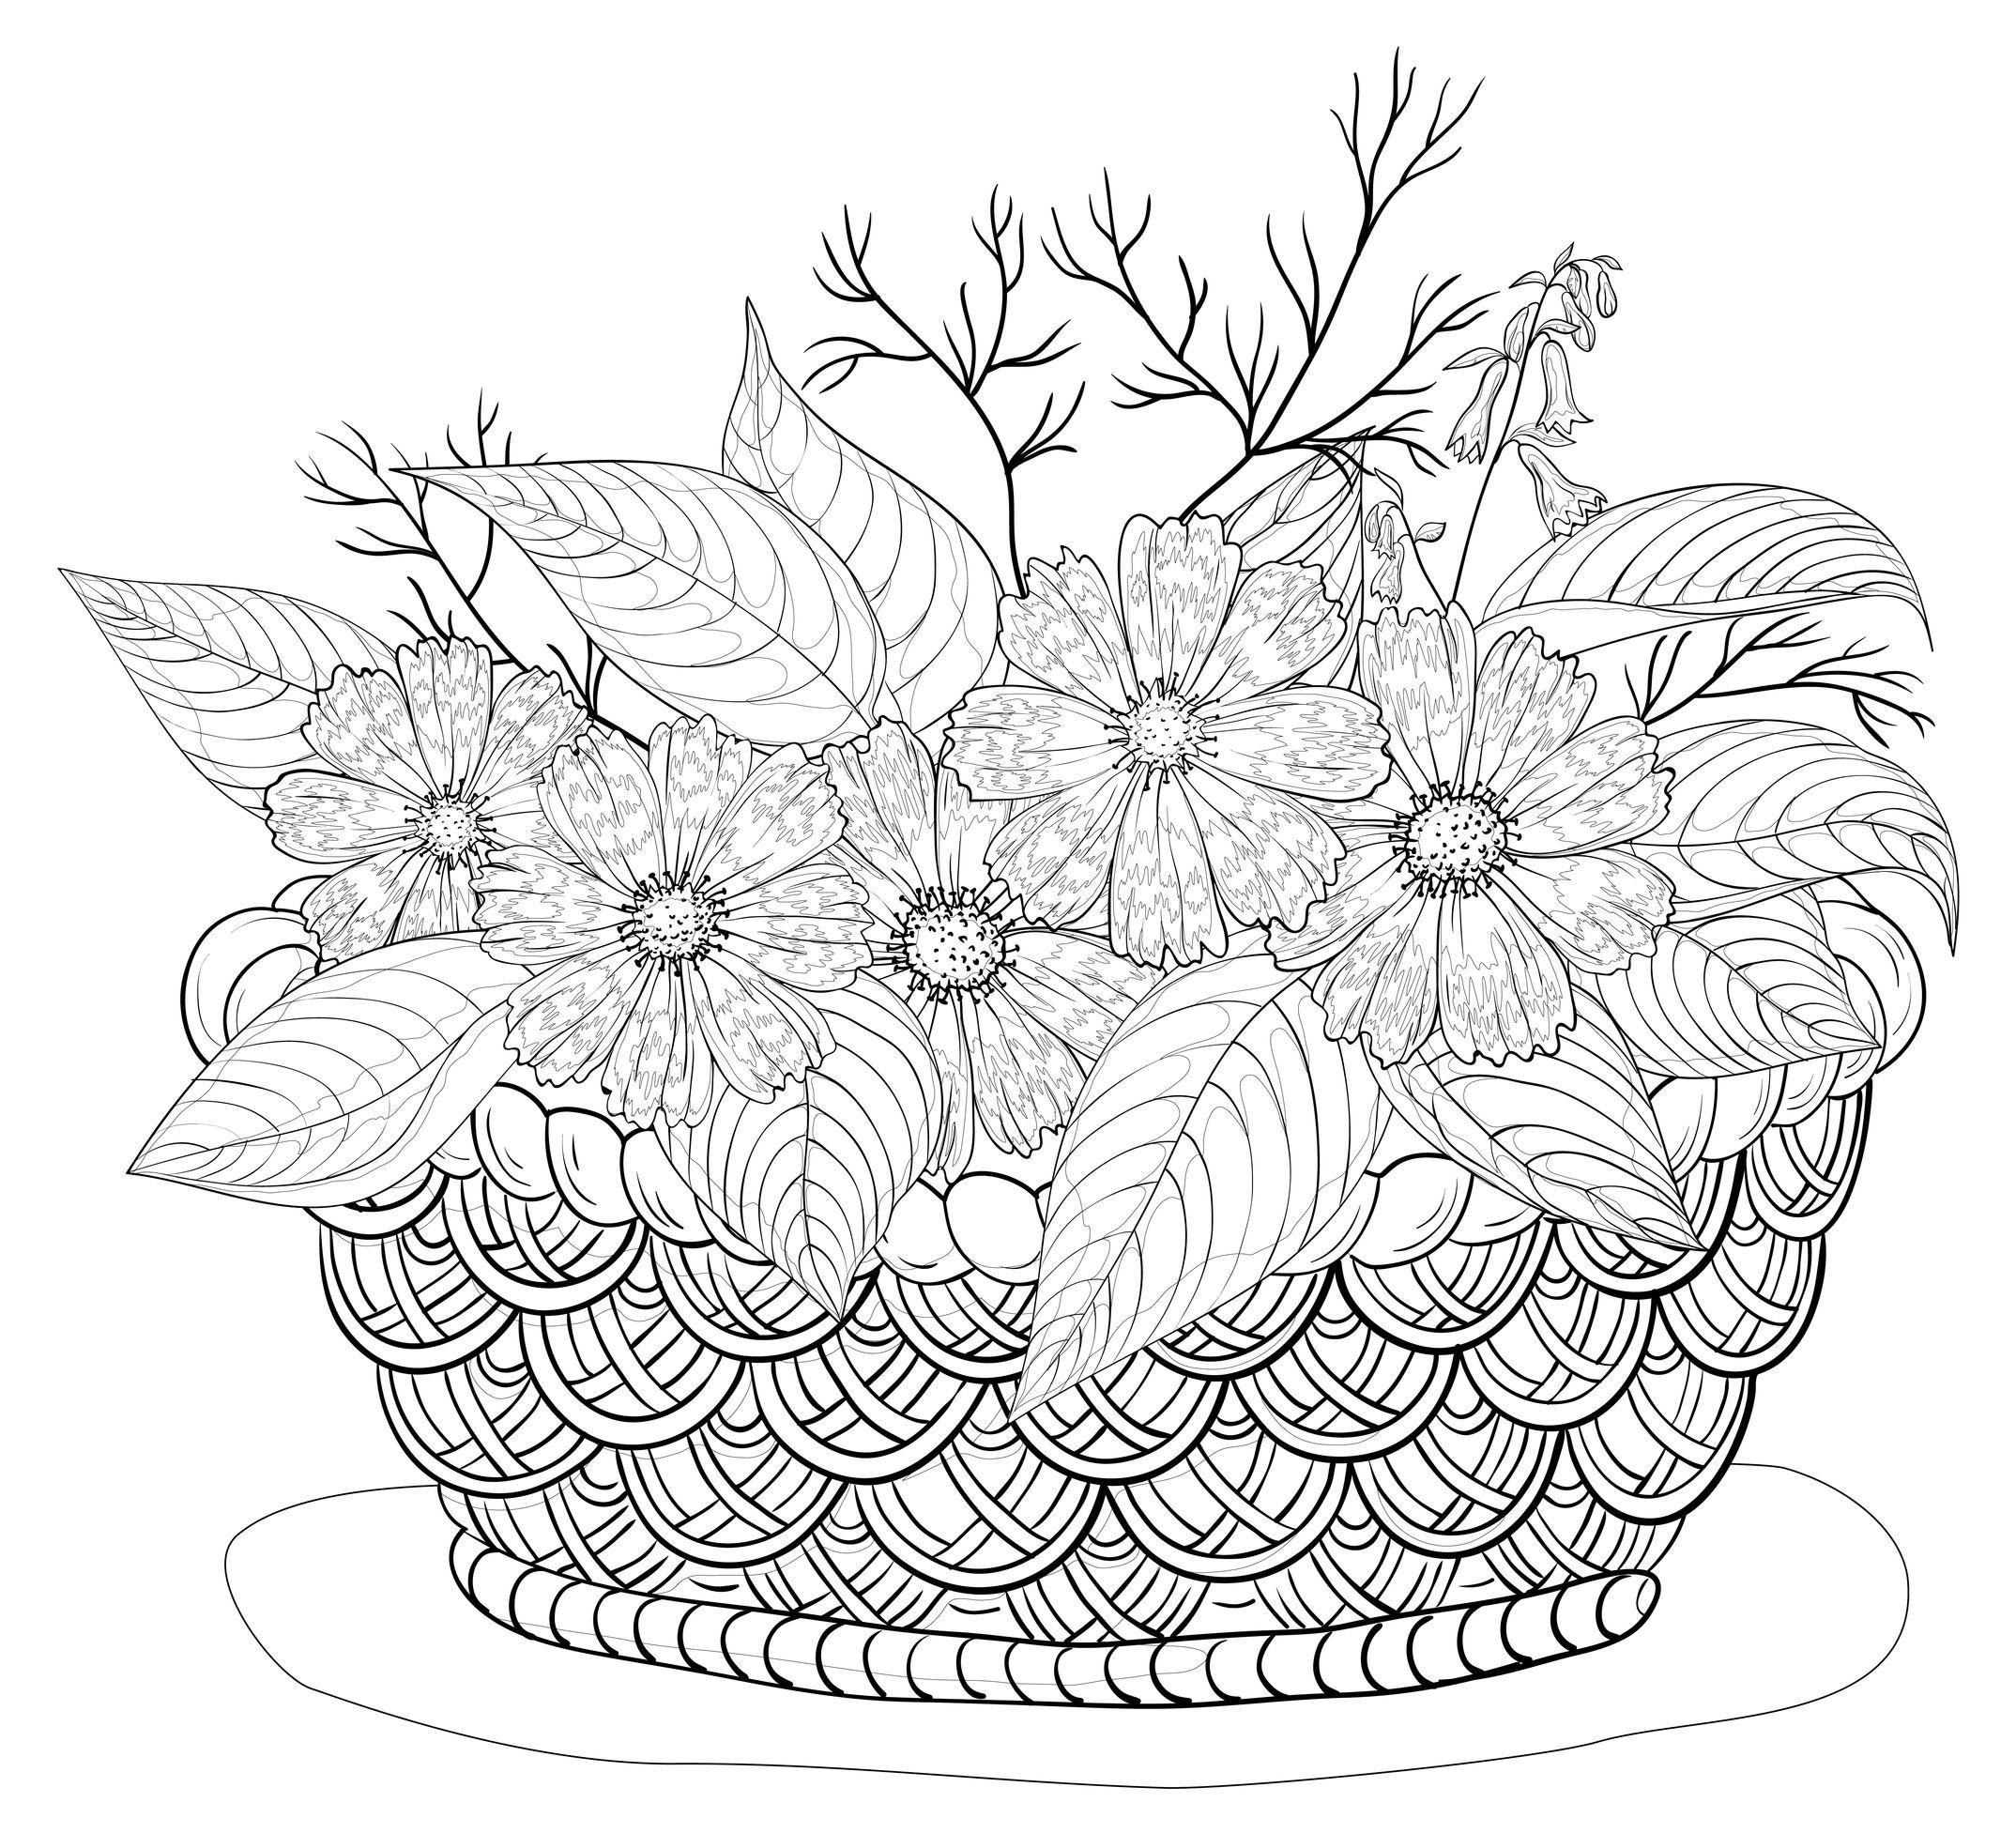 20 dessins de coloriage adulte paysage imprimer - Coloriage pour adulte ...